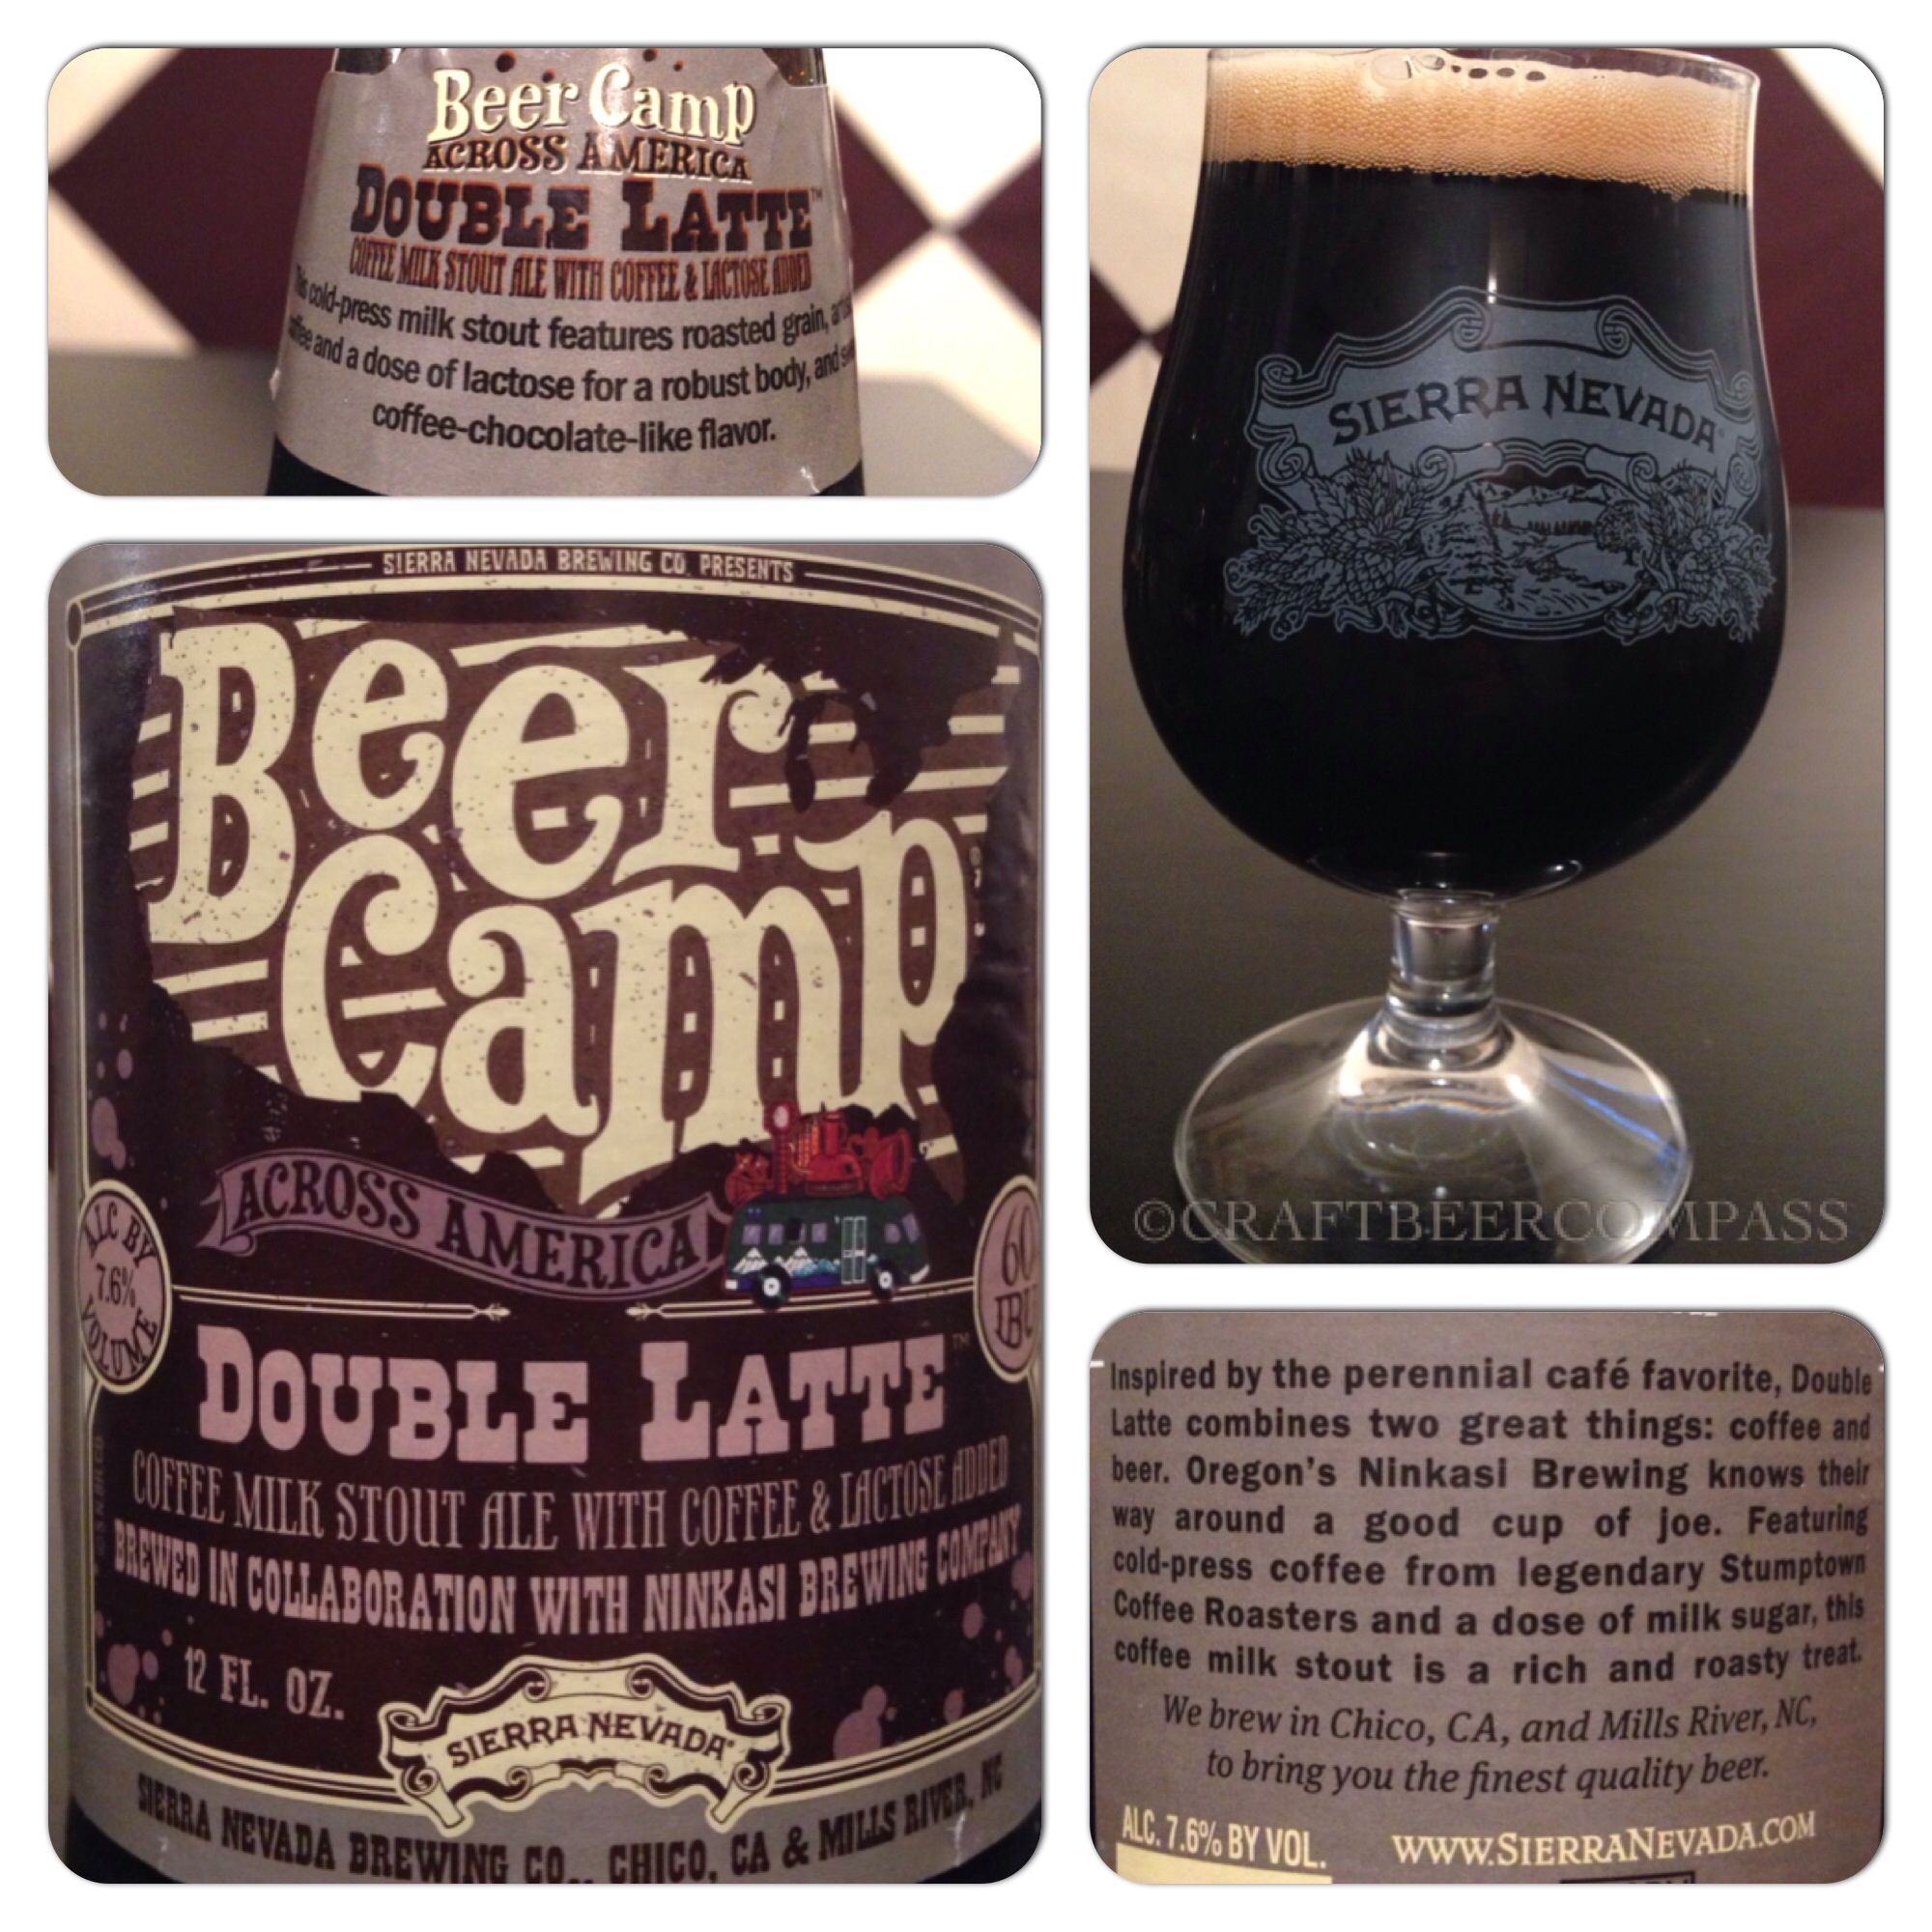 double latte-sierra-nevada-double-latte-beer-camp-coffee-beer.jpg